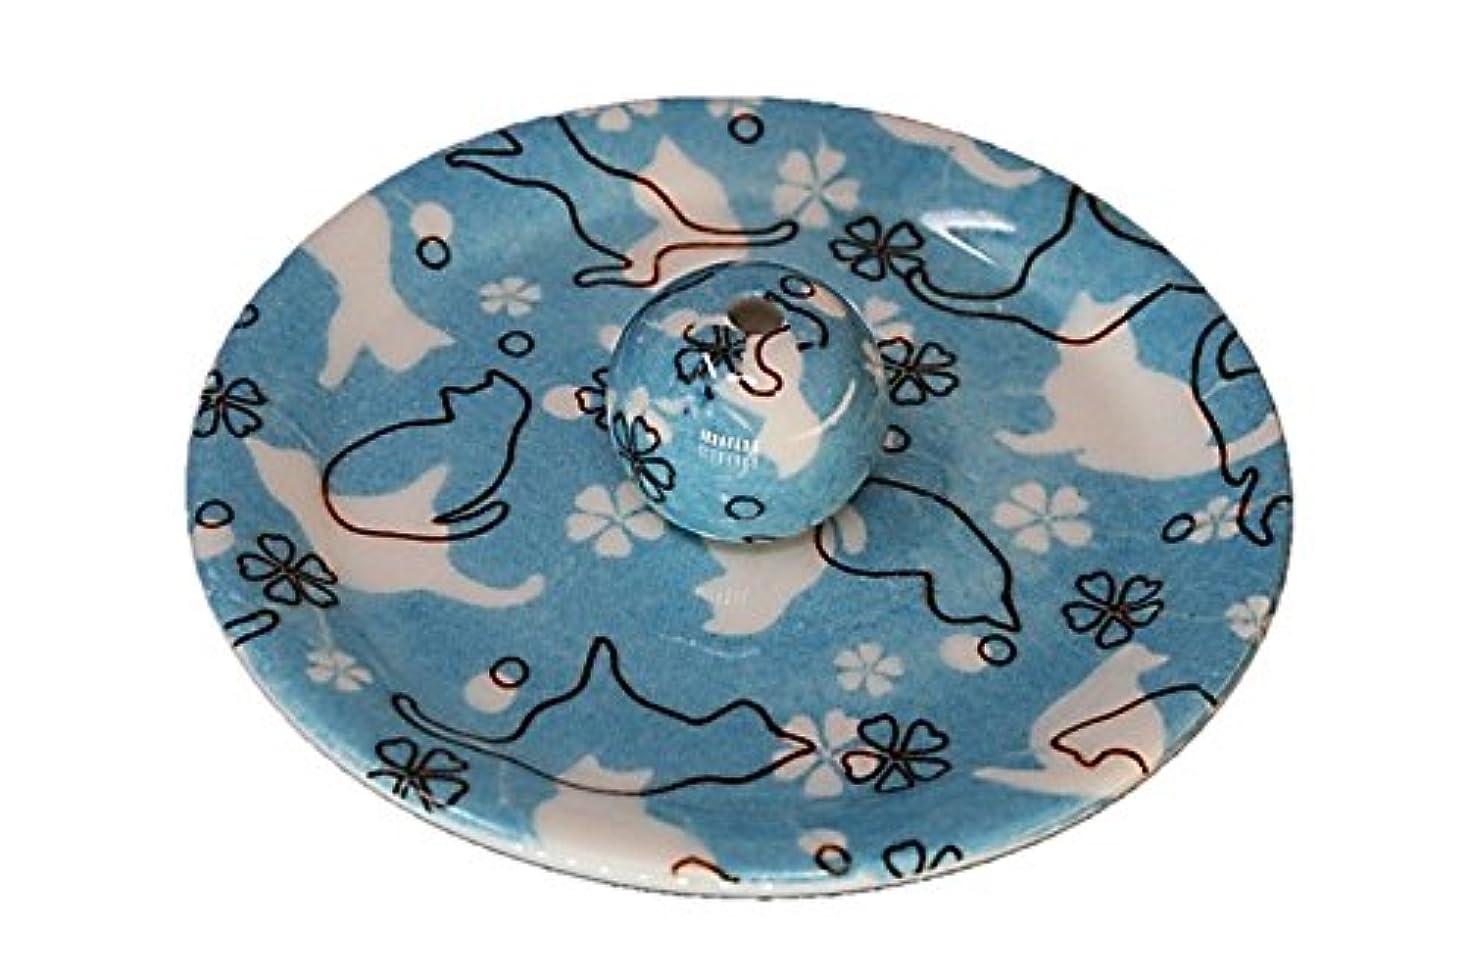 ブラウズキャメル狂信者9-45 ねこランド(ブルー) 9cm香皿 日本製 お香立て 陶器 猫柄